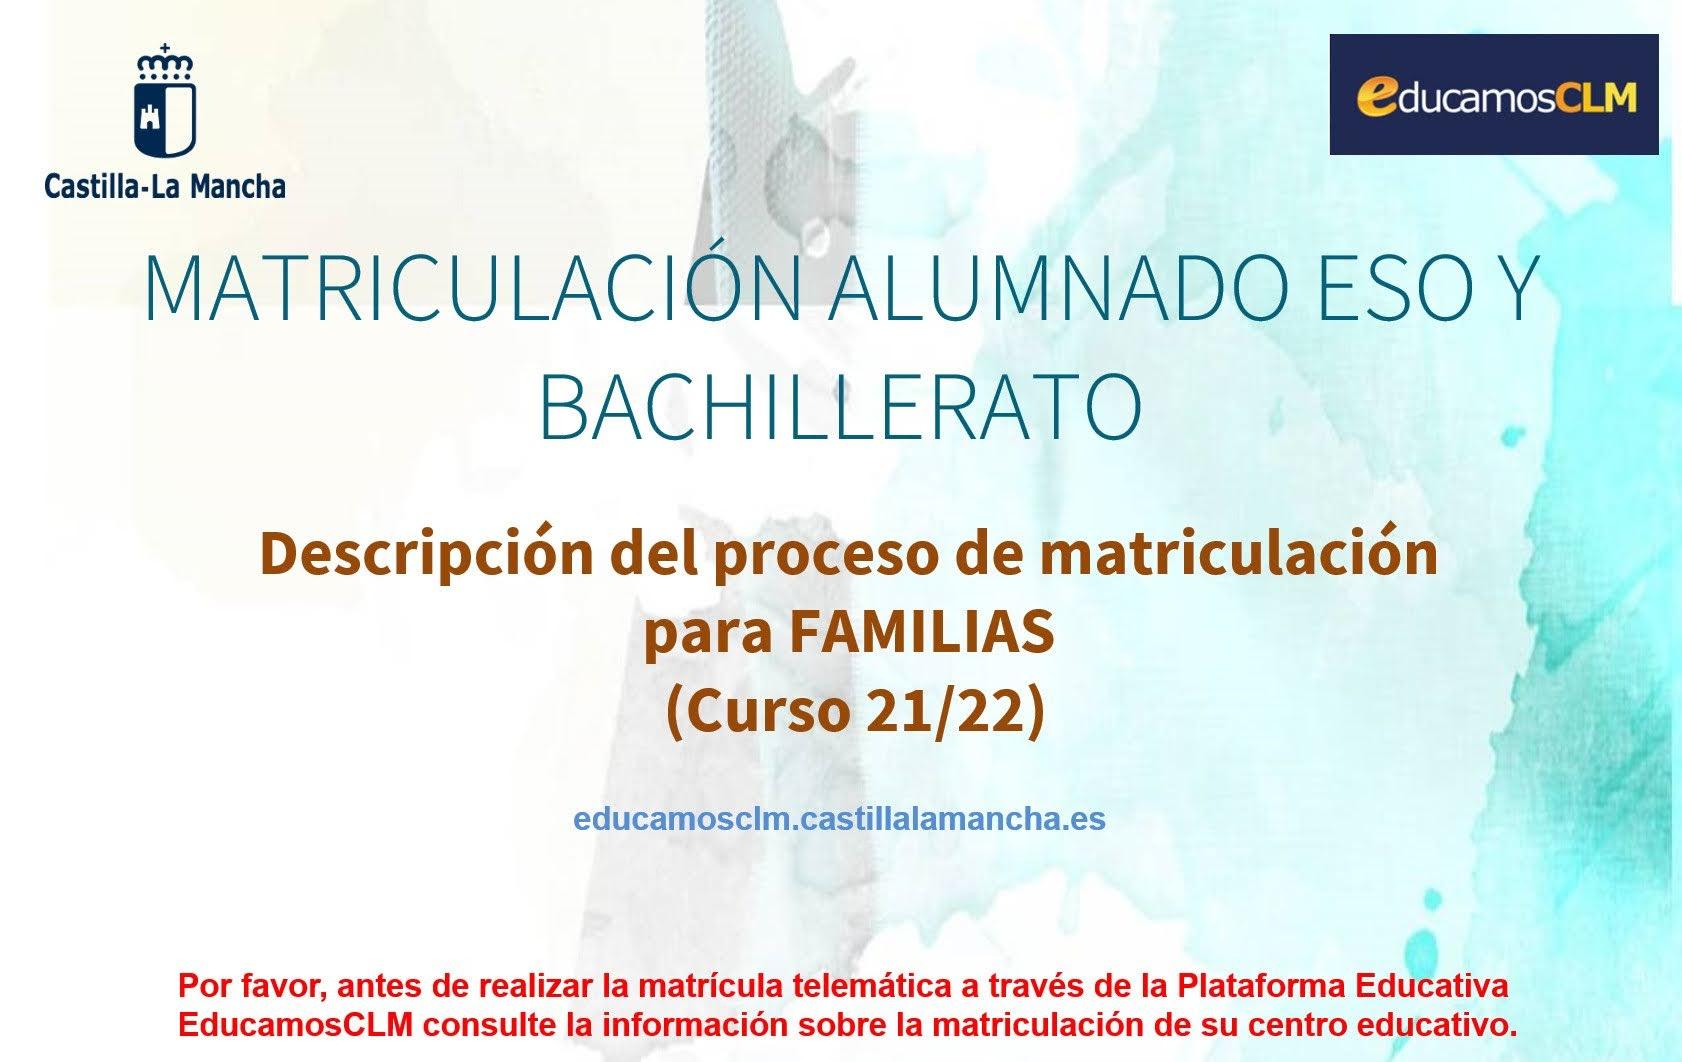 Guía de matriculación para familias curso 2021/2022